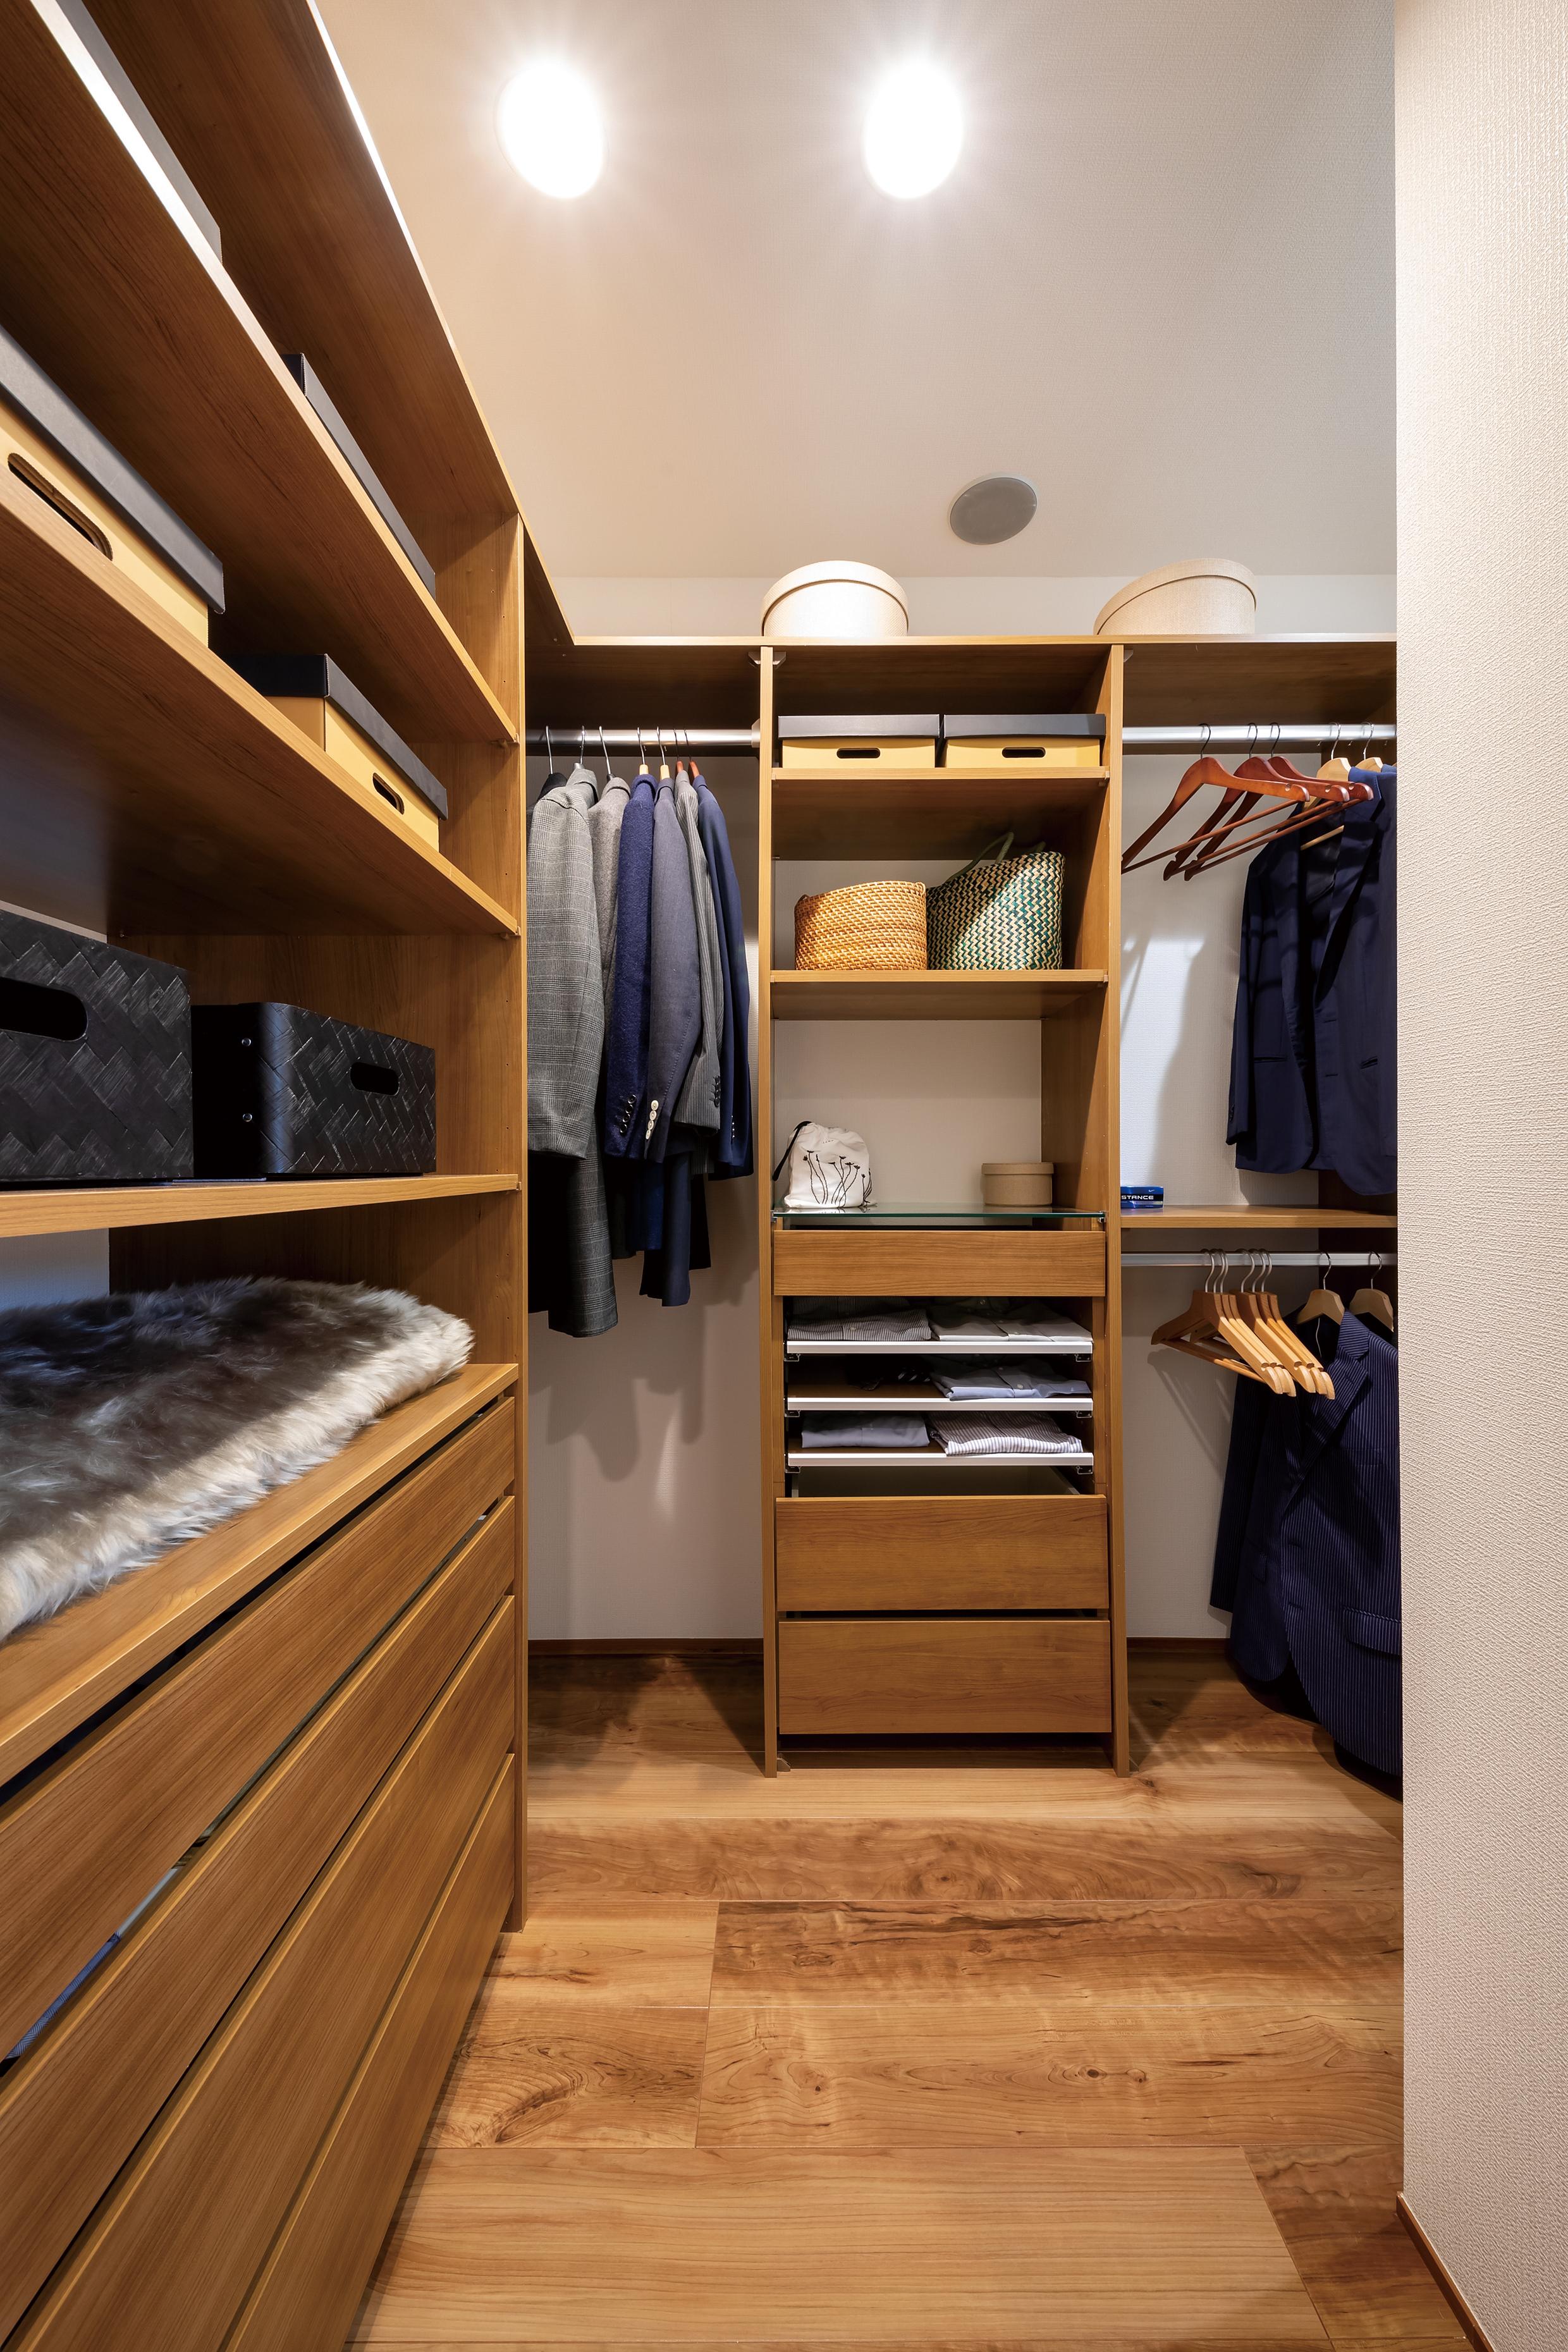 主寝室から使うクローゼットは収納するものに合わせて棚やパイプをカスタマイズできます。